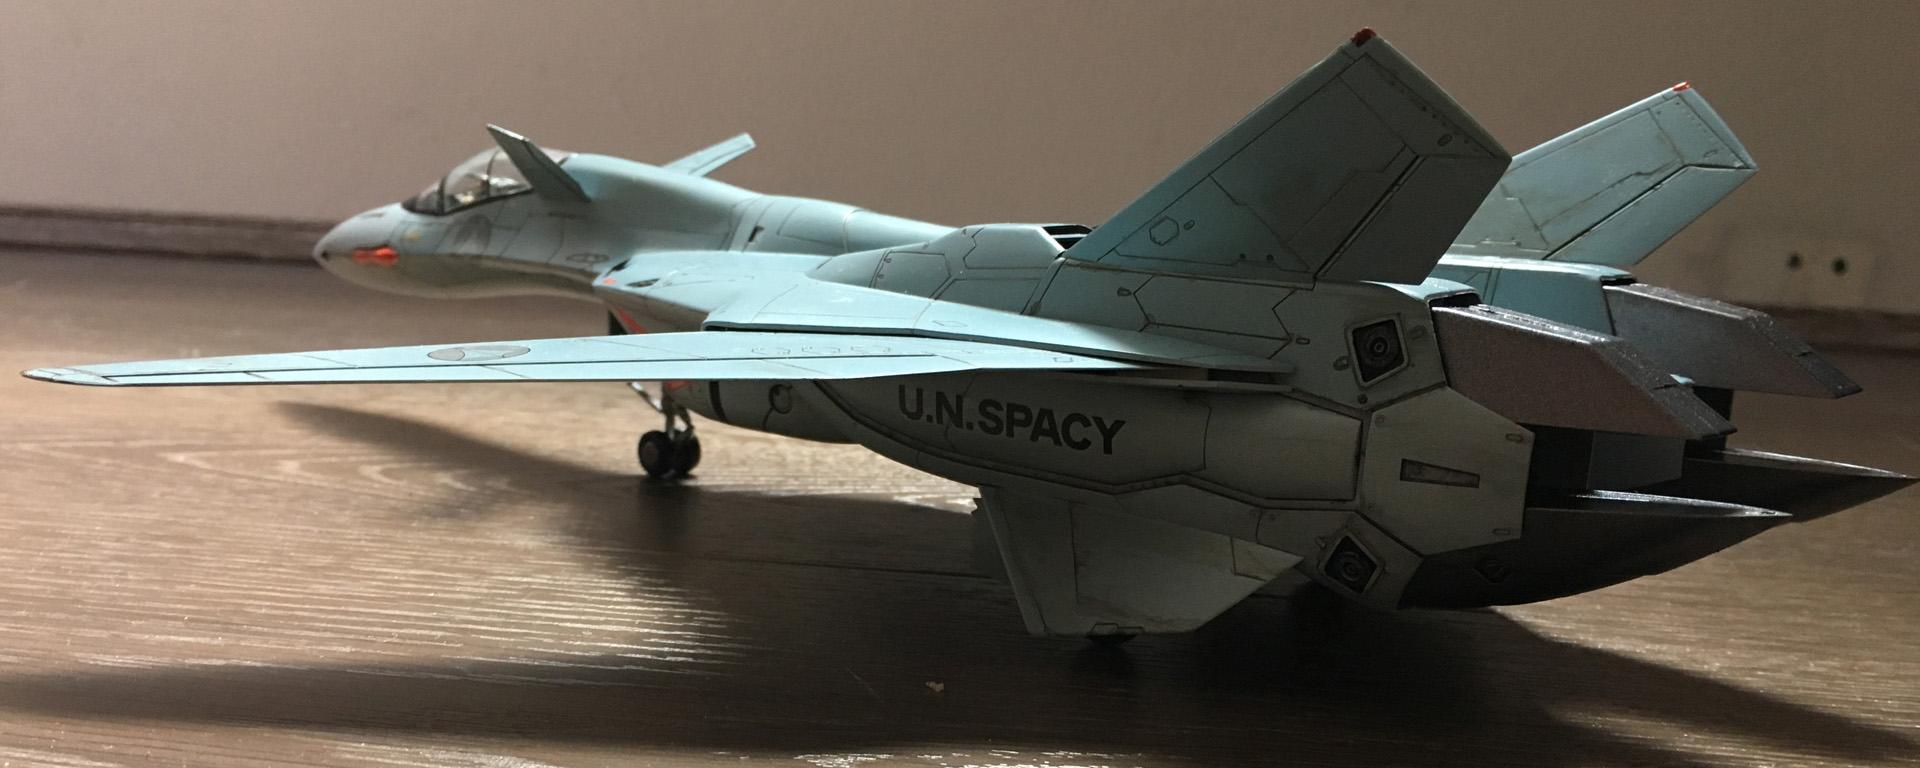 vf-19b-2.jpg